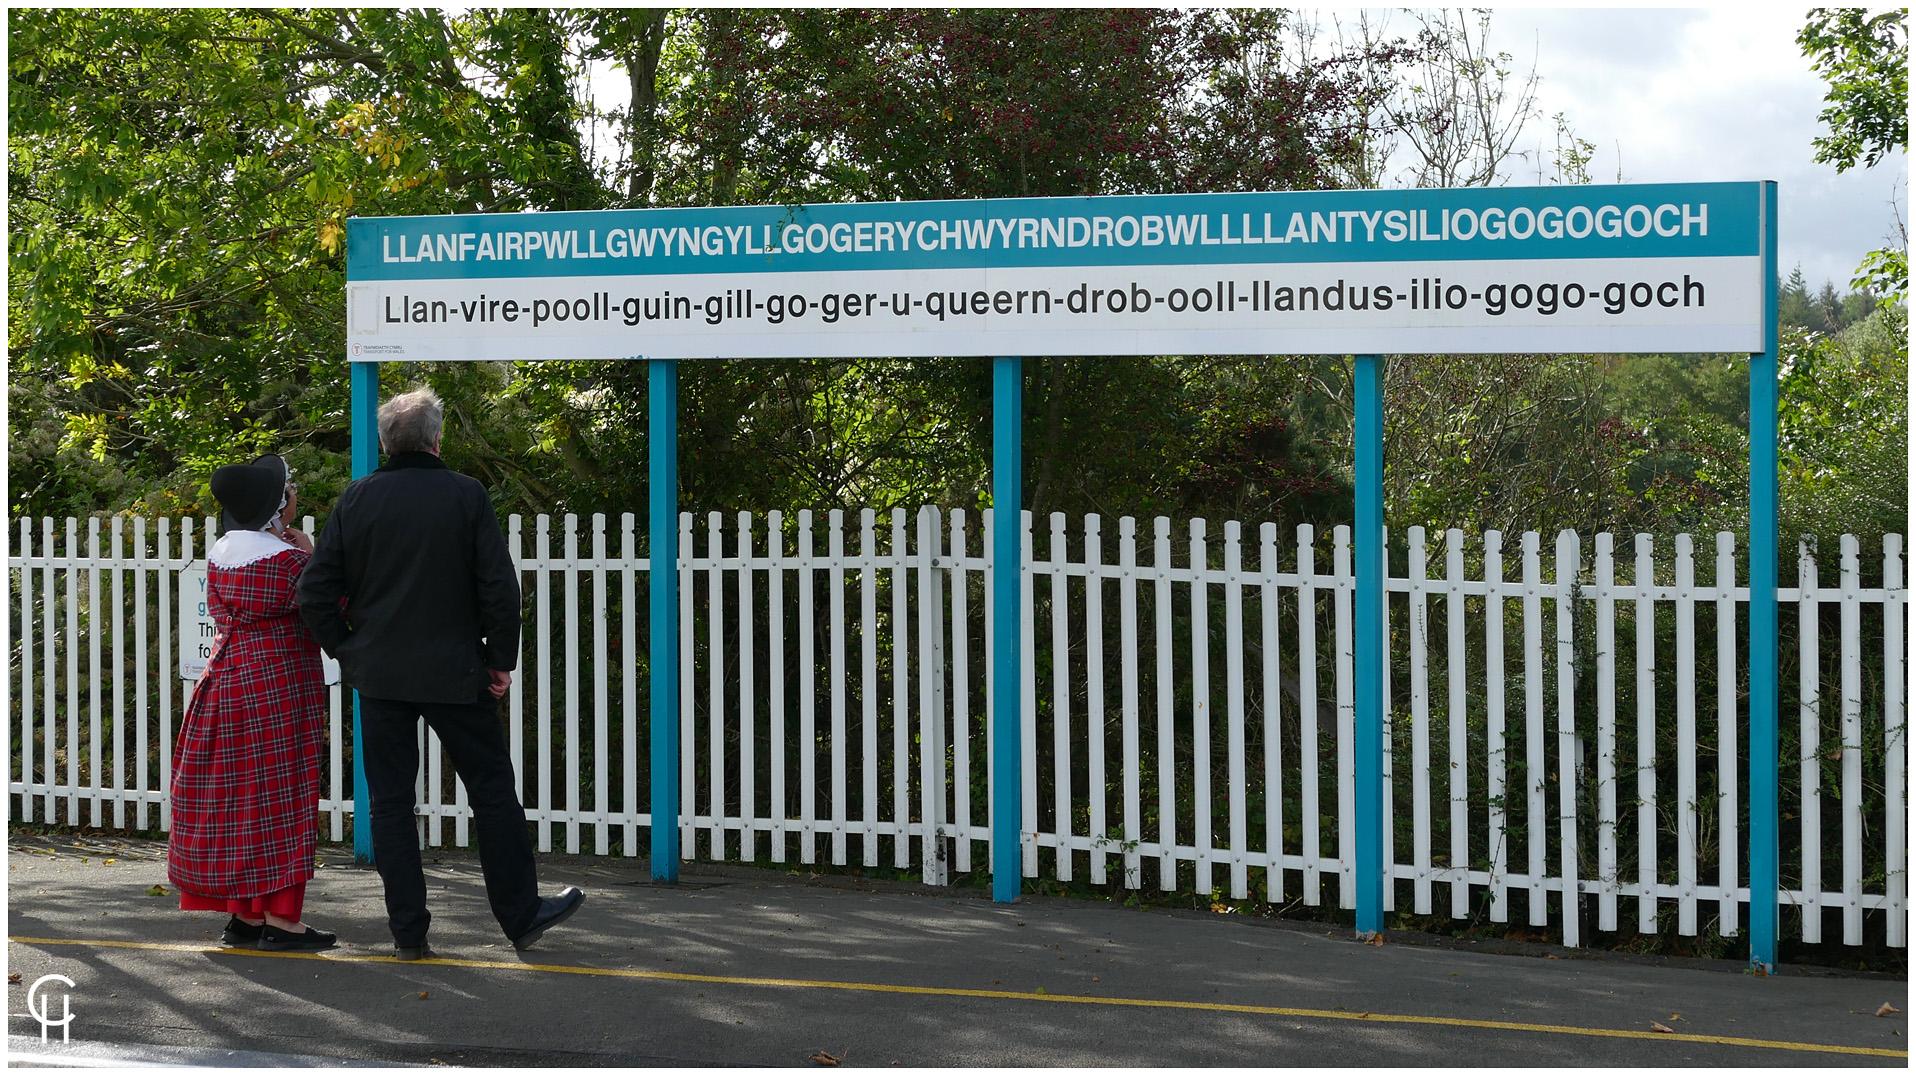 Am Bahnhof von Llanfairpwllgwyngyllgogerychwyrndrobwllllantysiliogogogoch